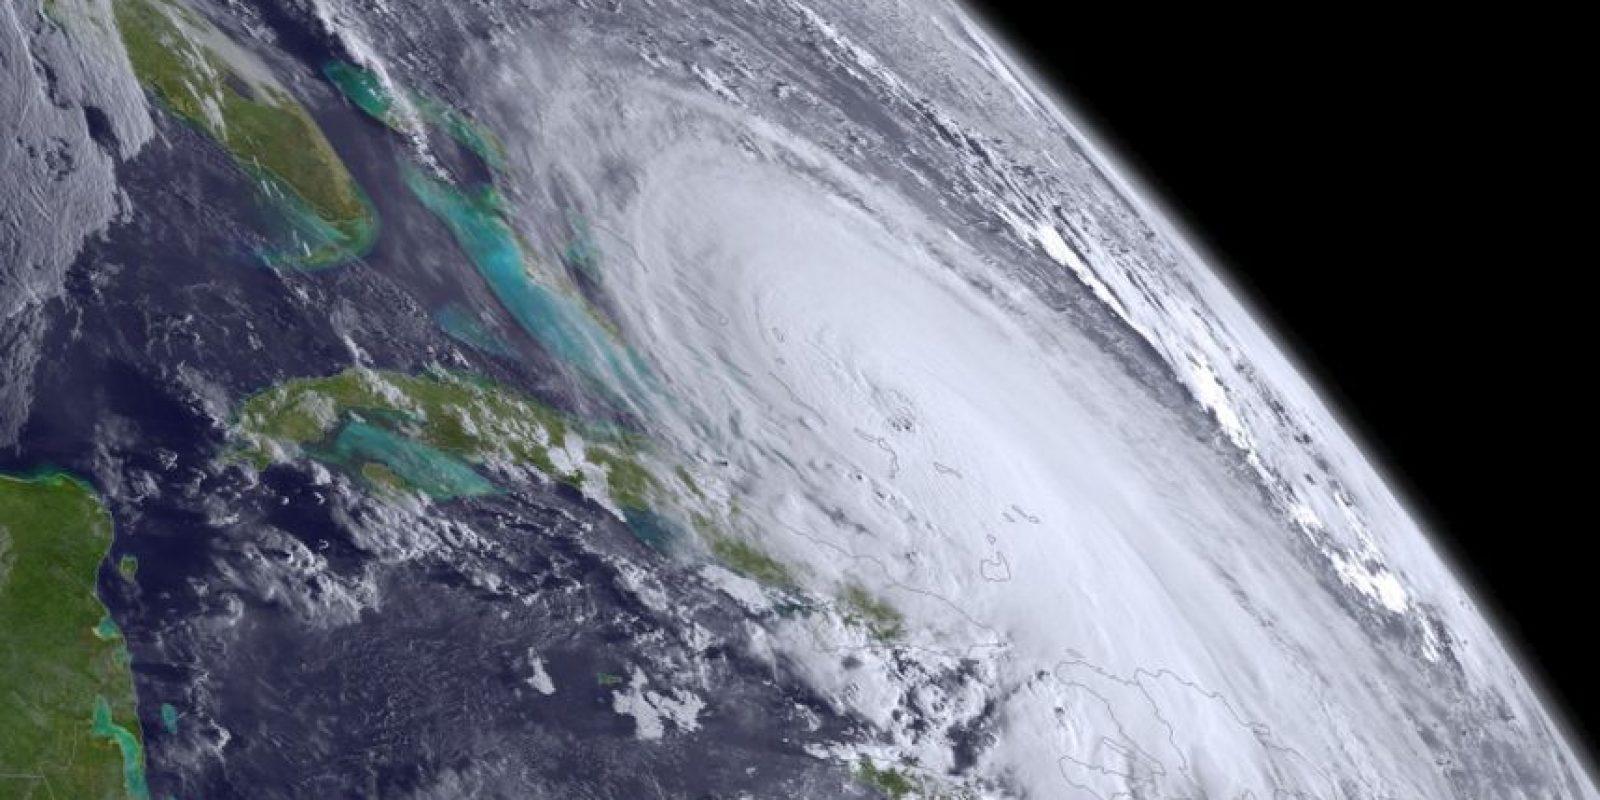 Los modelos recientes muestran el huracán más al Atlántico, por lo que se espera no toque tierra estadounidense. Foto:AFP